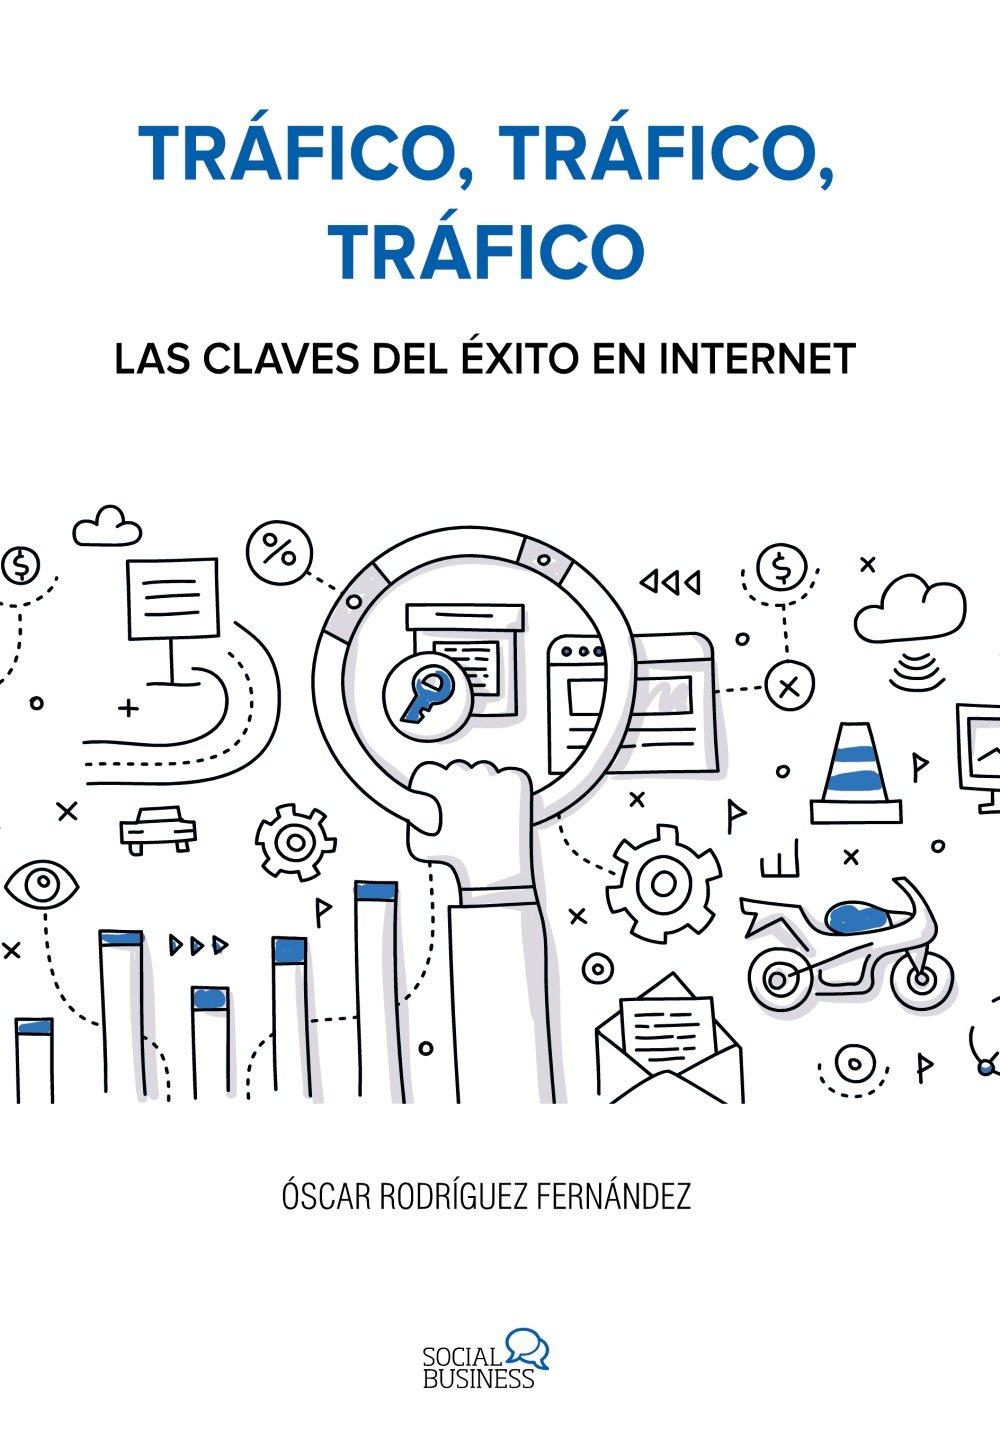 Tráfico, tráfico, tráfico. Las claves del éxito en Internet (Social Media) Tapa blanda – 15 jun 2017 Óscar Rodríguez Fernández ANAYA MULTIMEDIA 8441538972 KJS.UDB